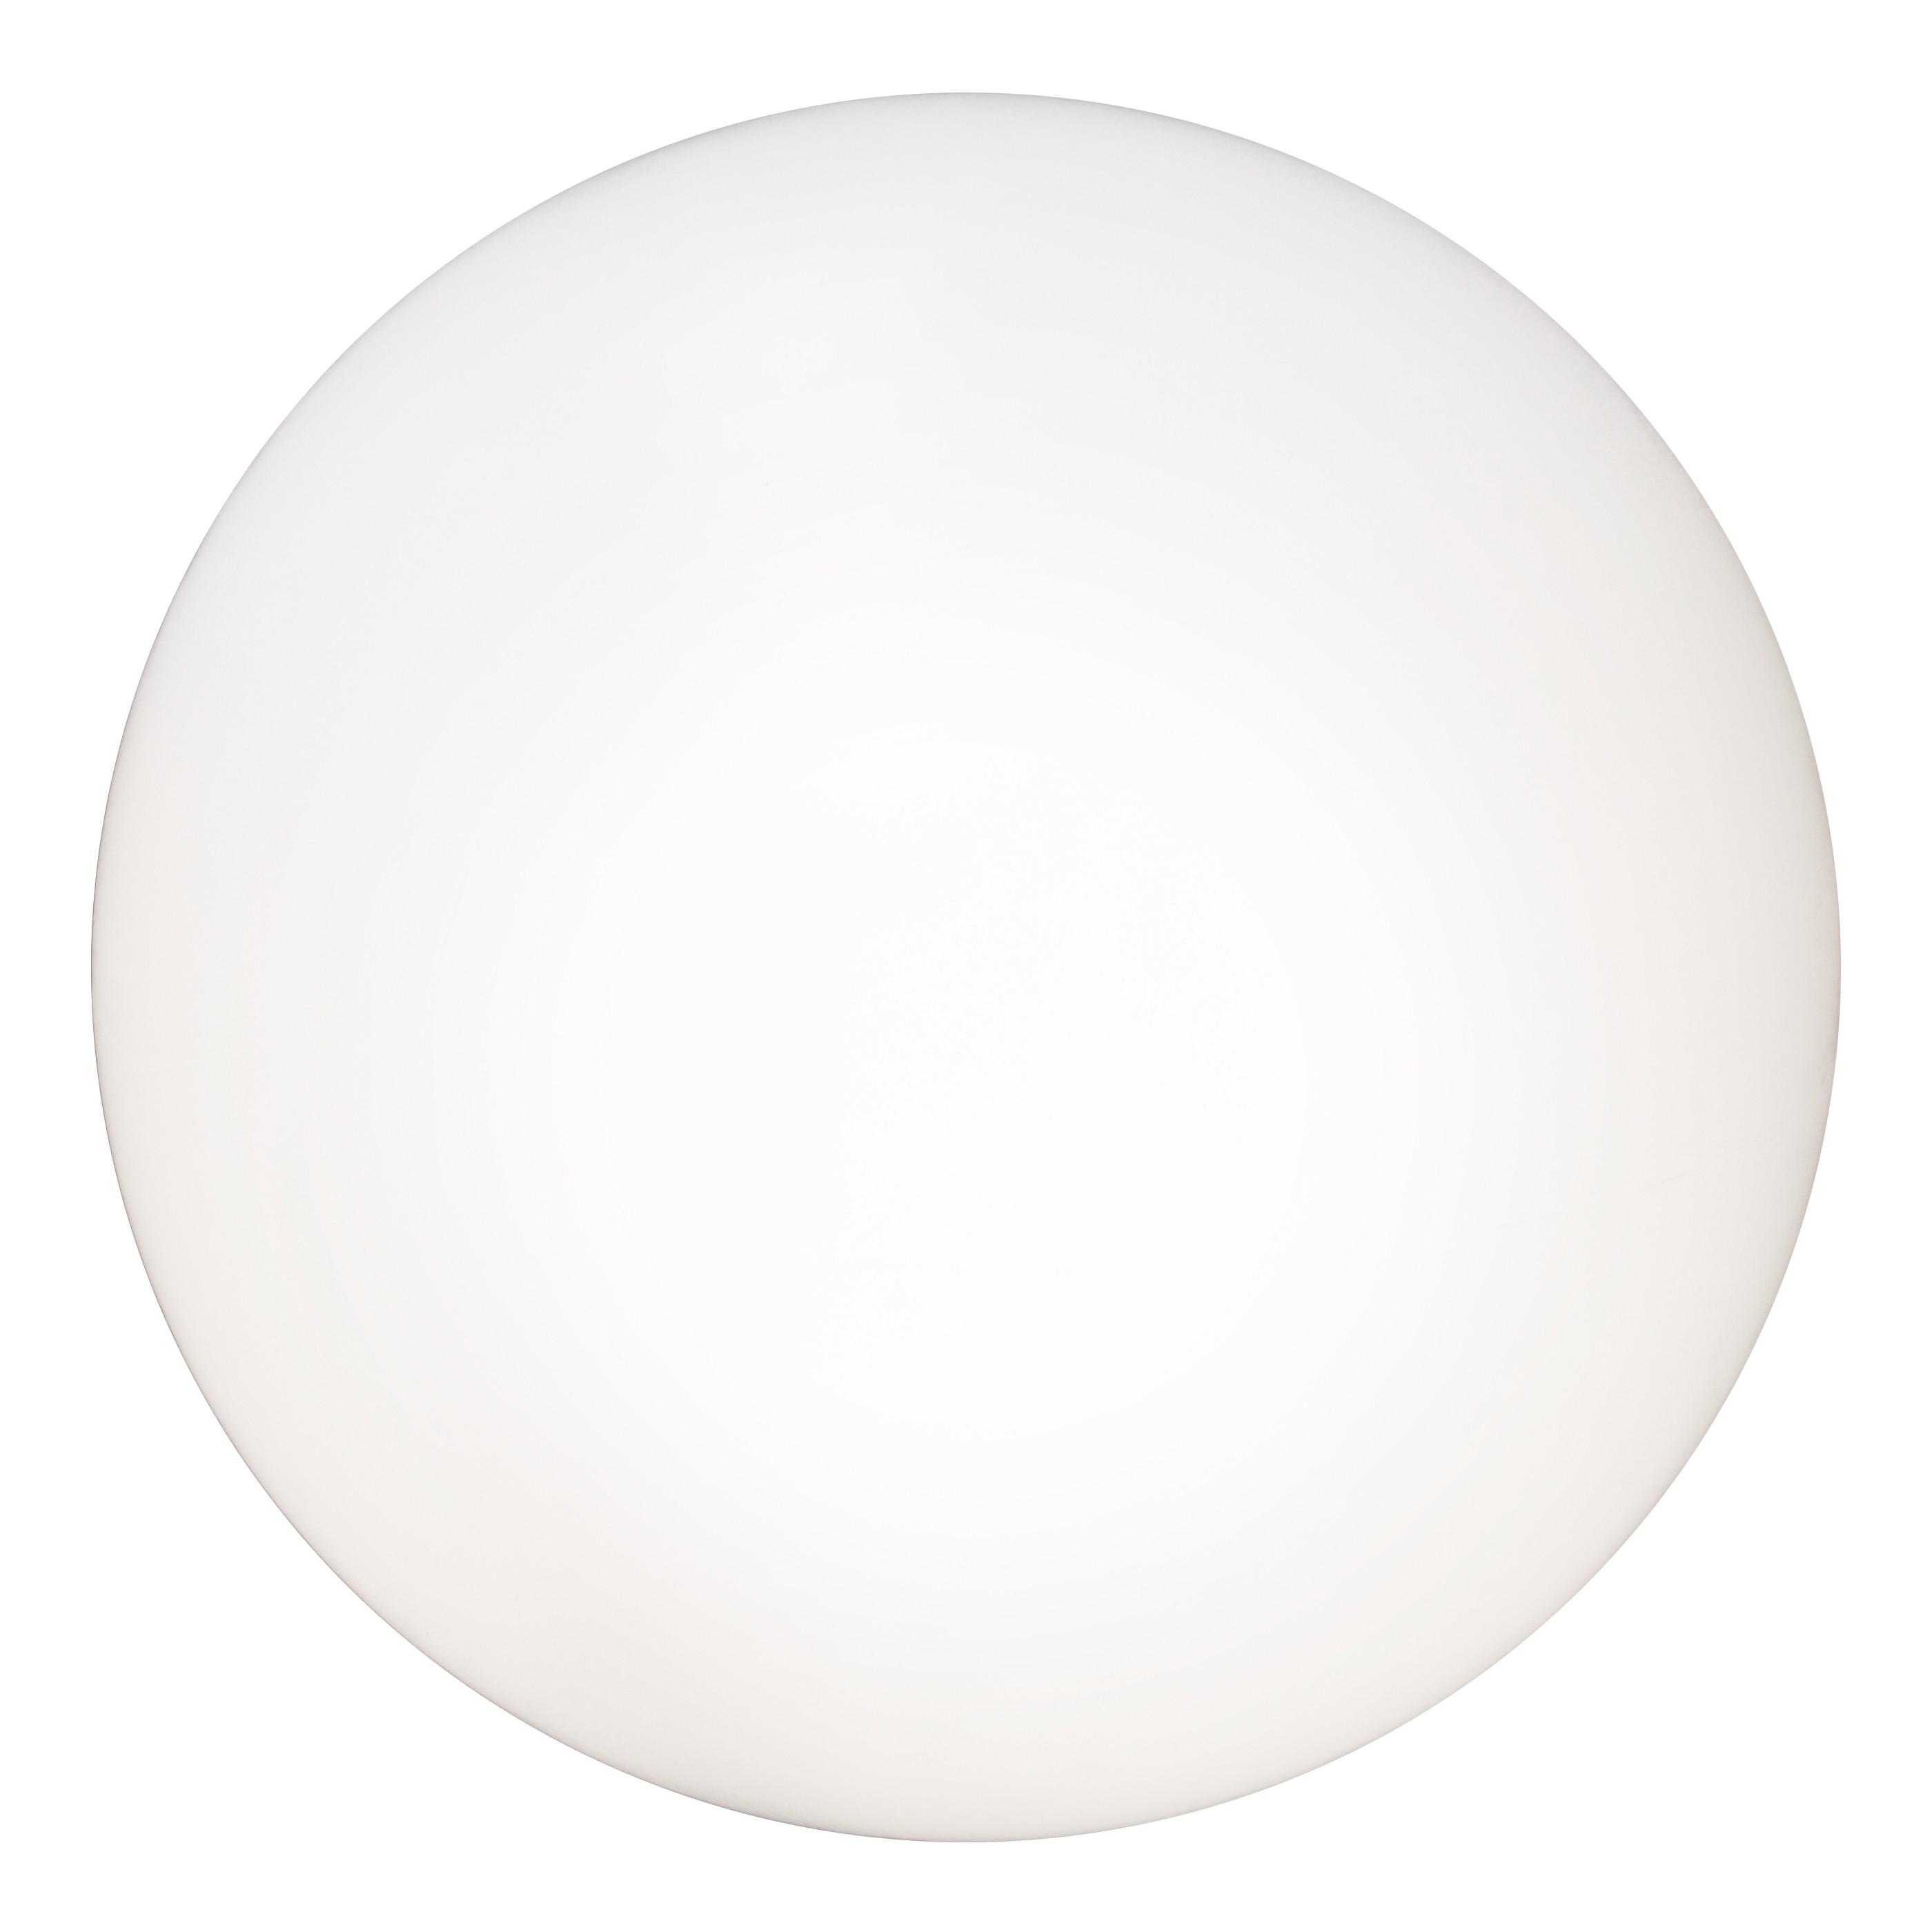 Außenleuchte Shining Globe (Weiß) – Außenleuchte Shining Globe Ø 40 cm (Weiß), 8 seasons design jetzt kaufen